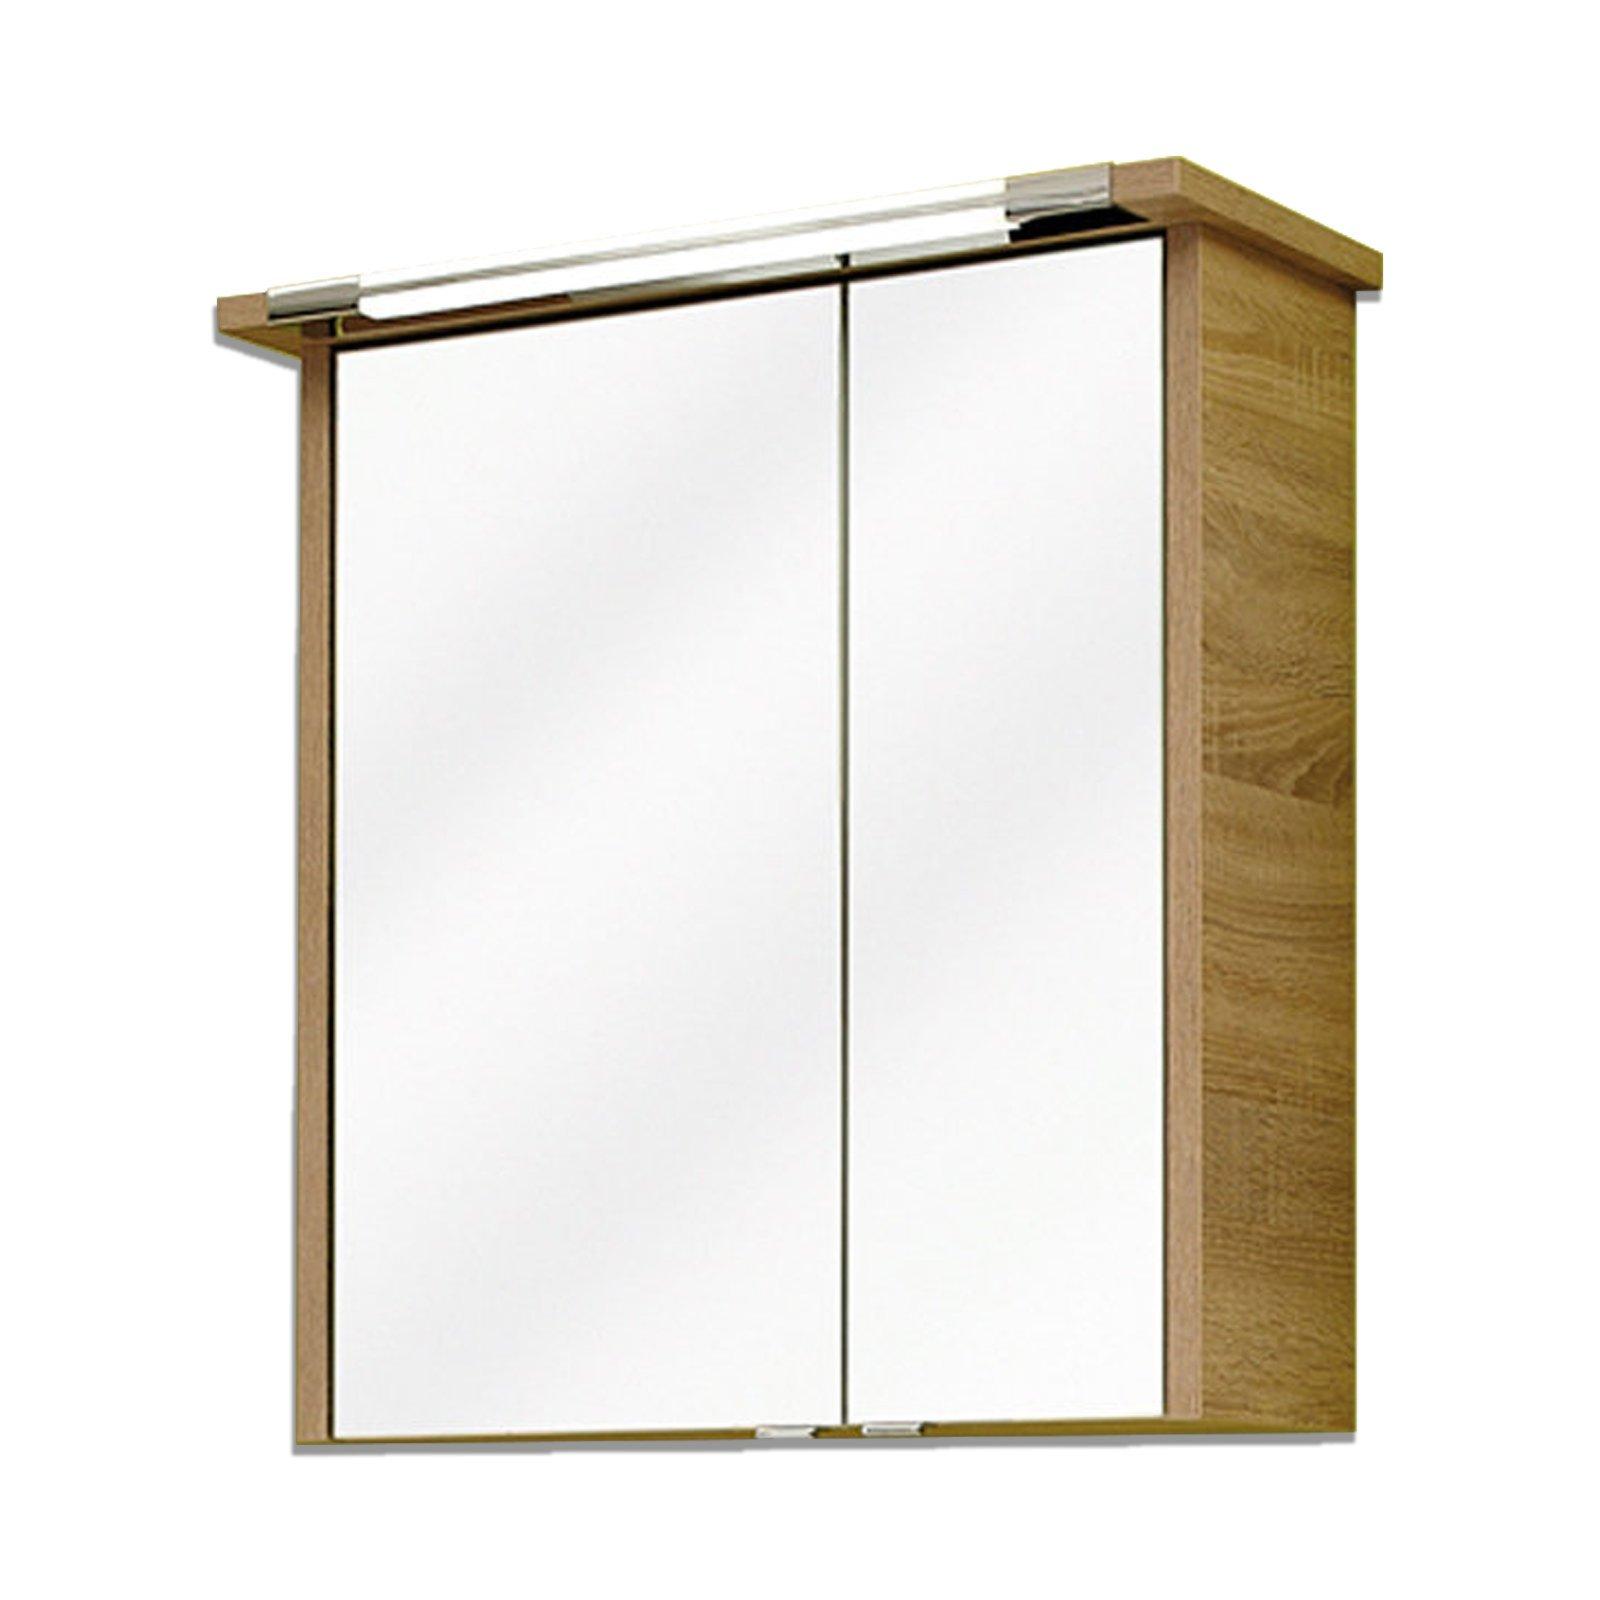 spiegelschrank lagos eiche natur 65 cm spiegelschr nke badm bel badezimmer. Black Bedroom Furniture Sets. Home Design Ideas